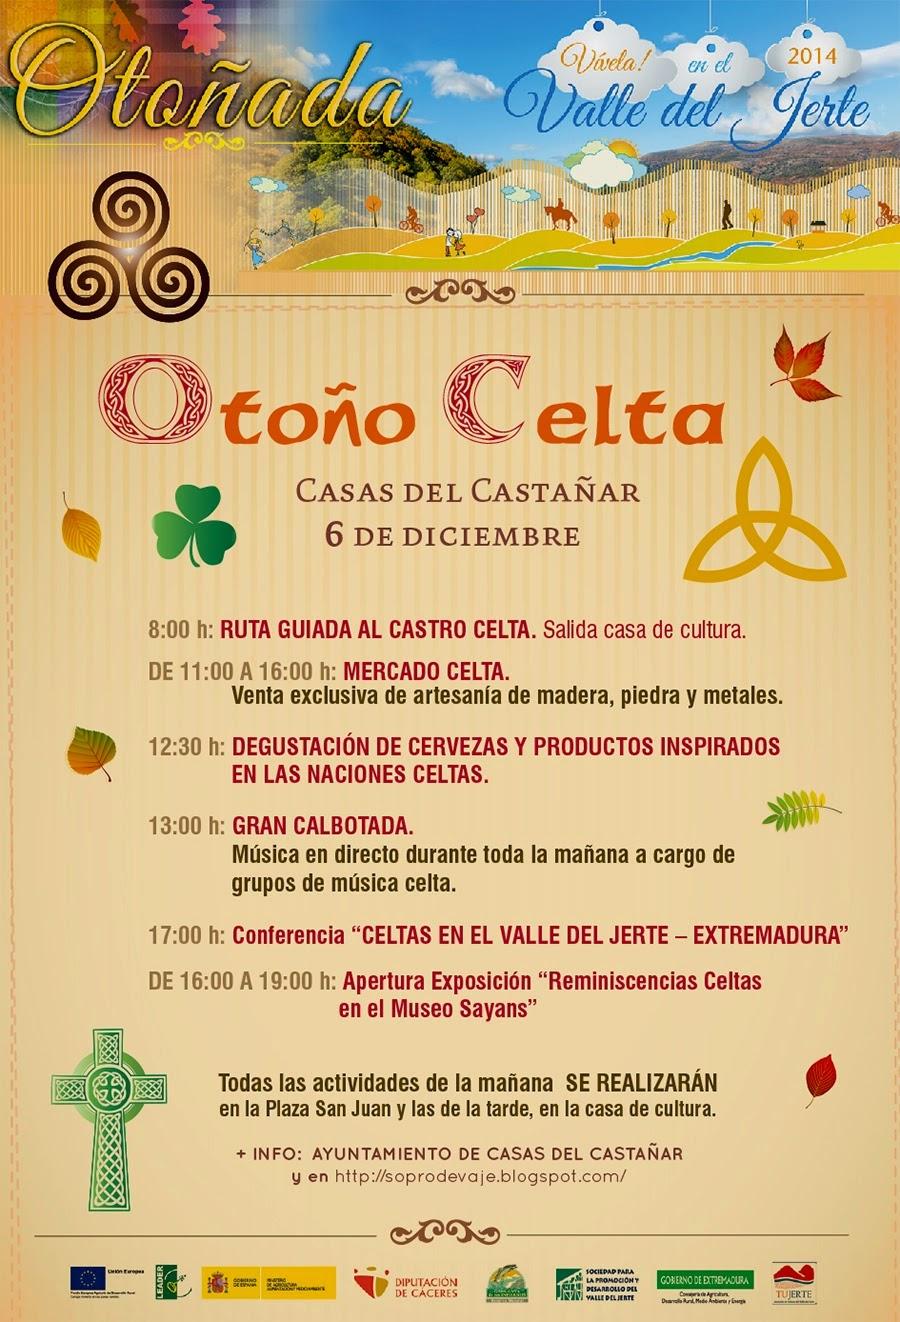 Otoño Celta (6 de diciembre en Casas del Castañar)